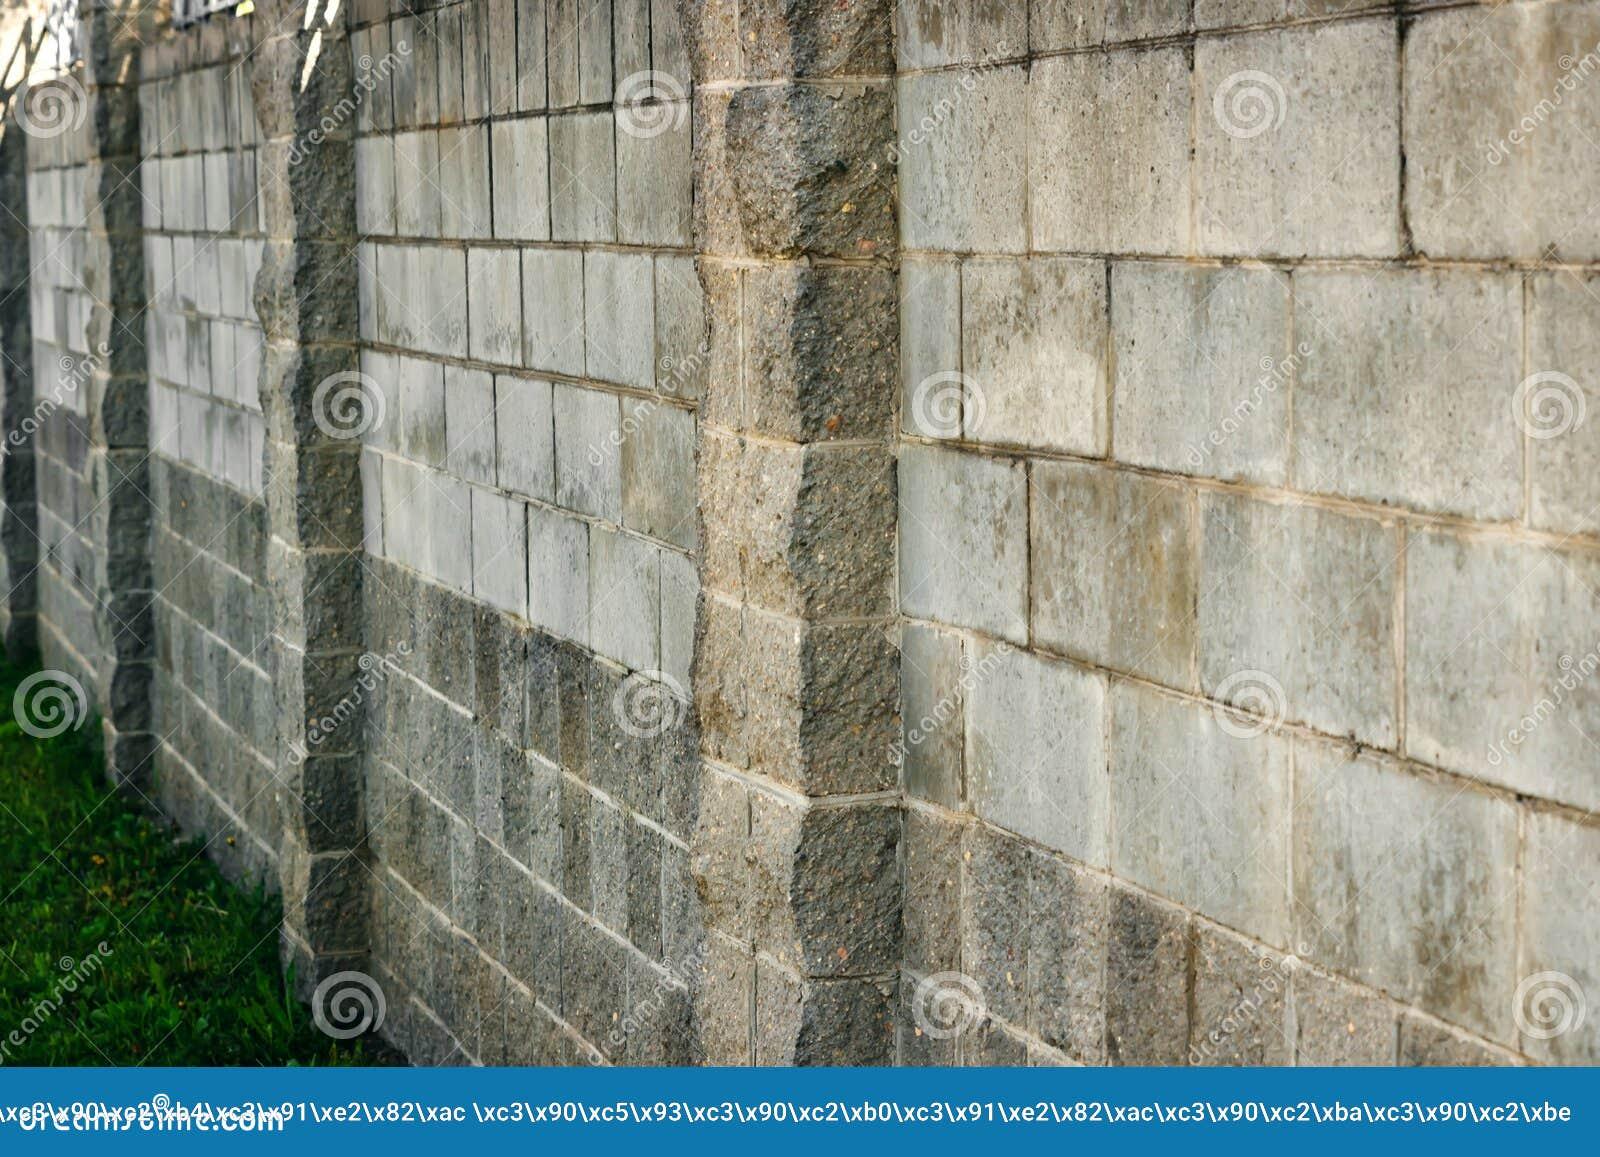 Дорогой бетон строительный раствор по английский